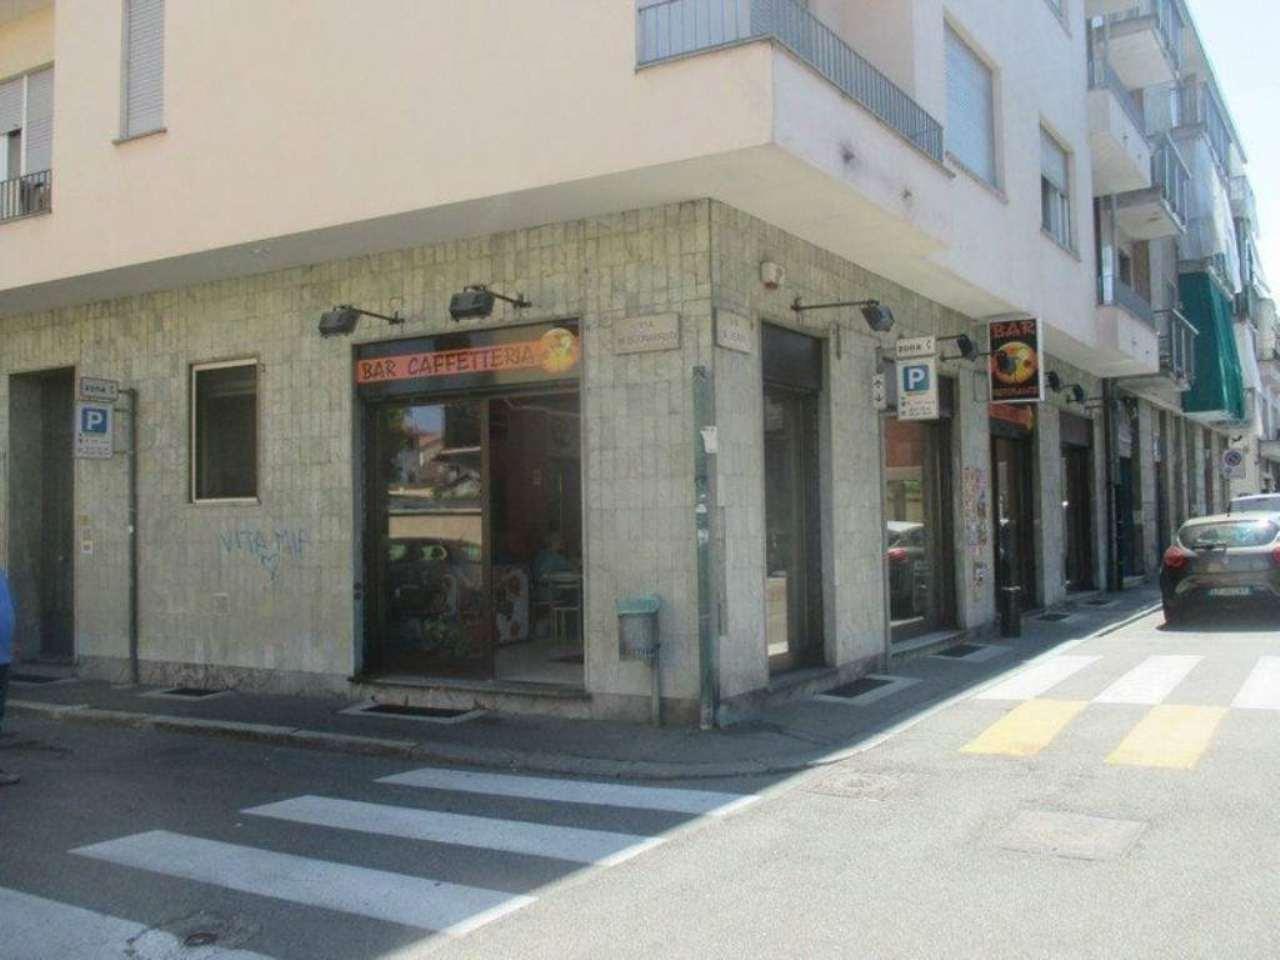 Negozio / Locale in vendita a Settimo Torinese, 3 locali, prezzo € 99.000 | CambioCasa.it